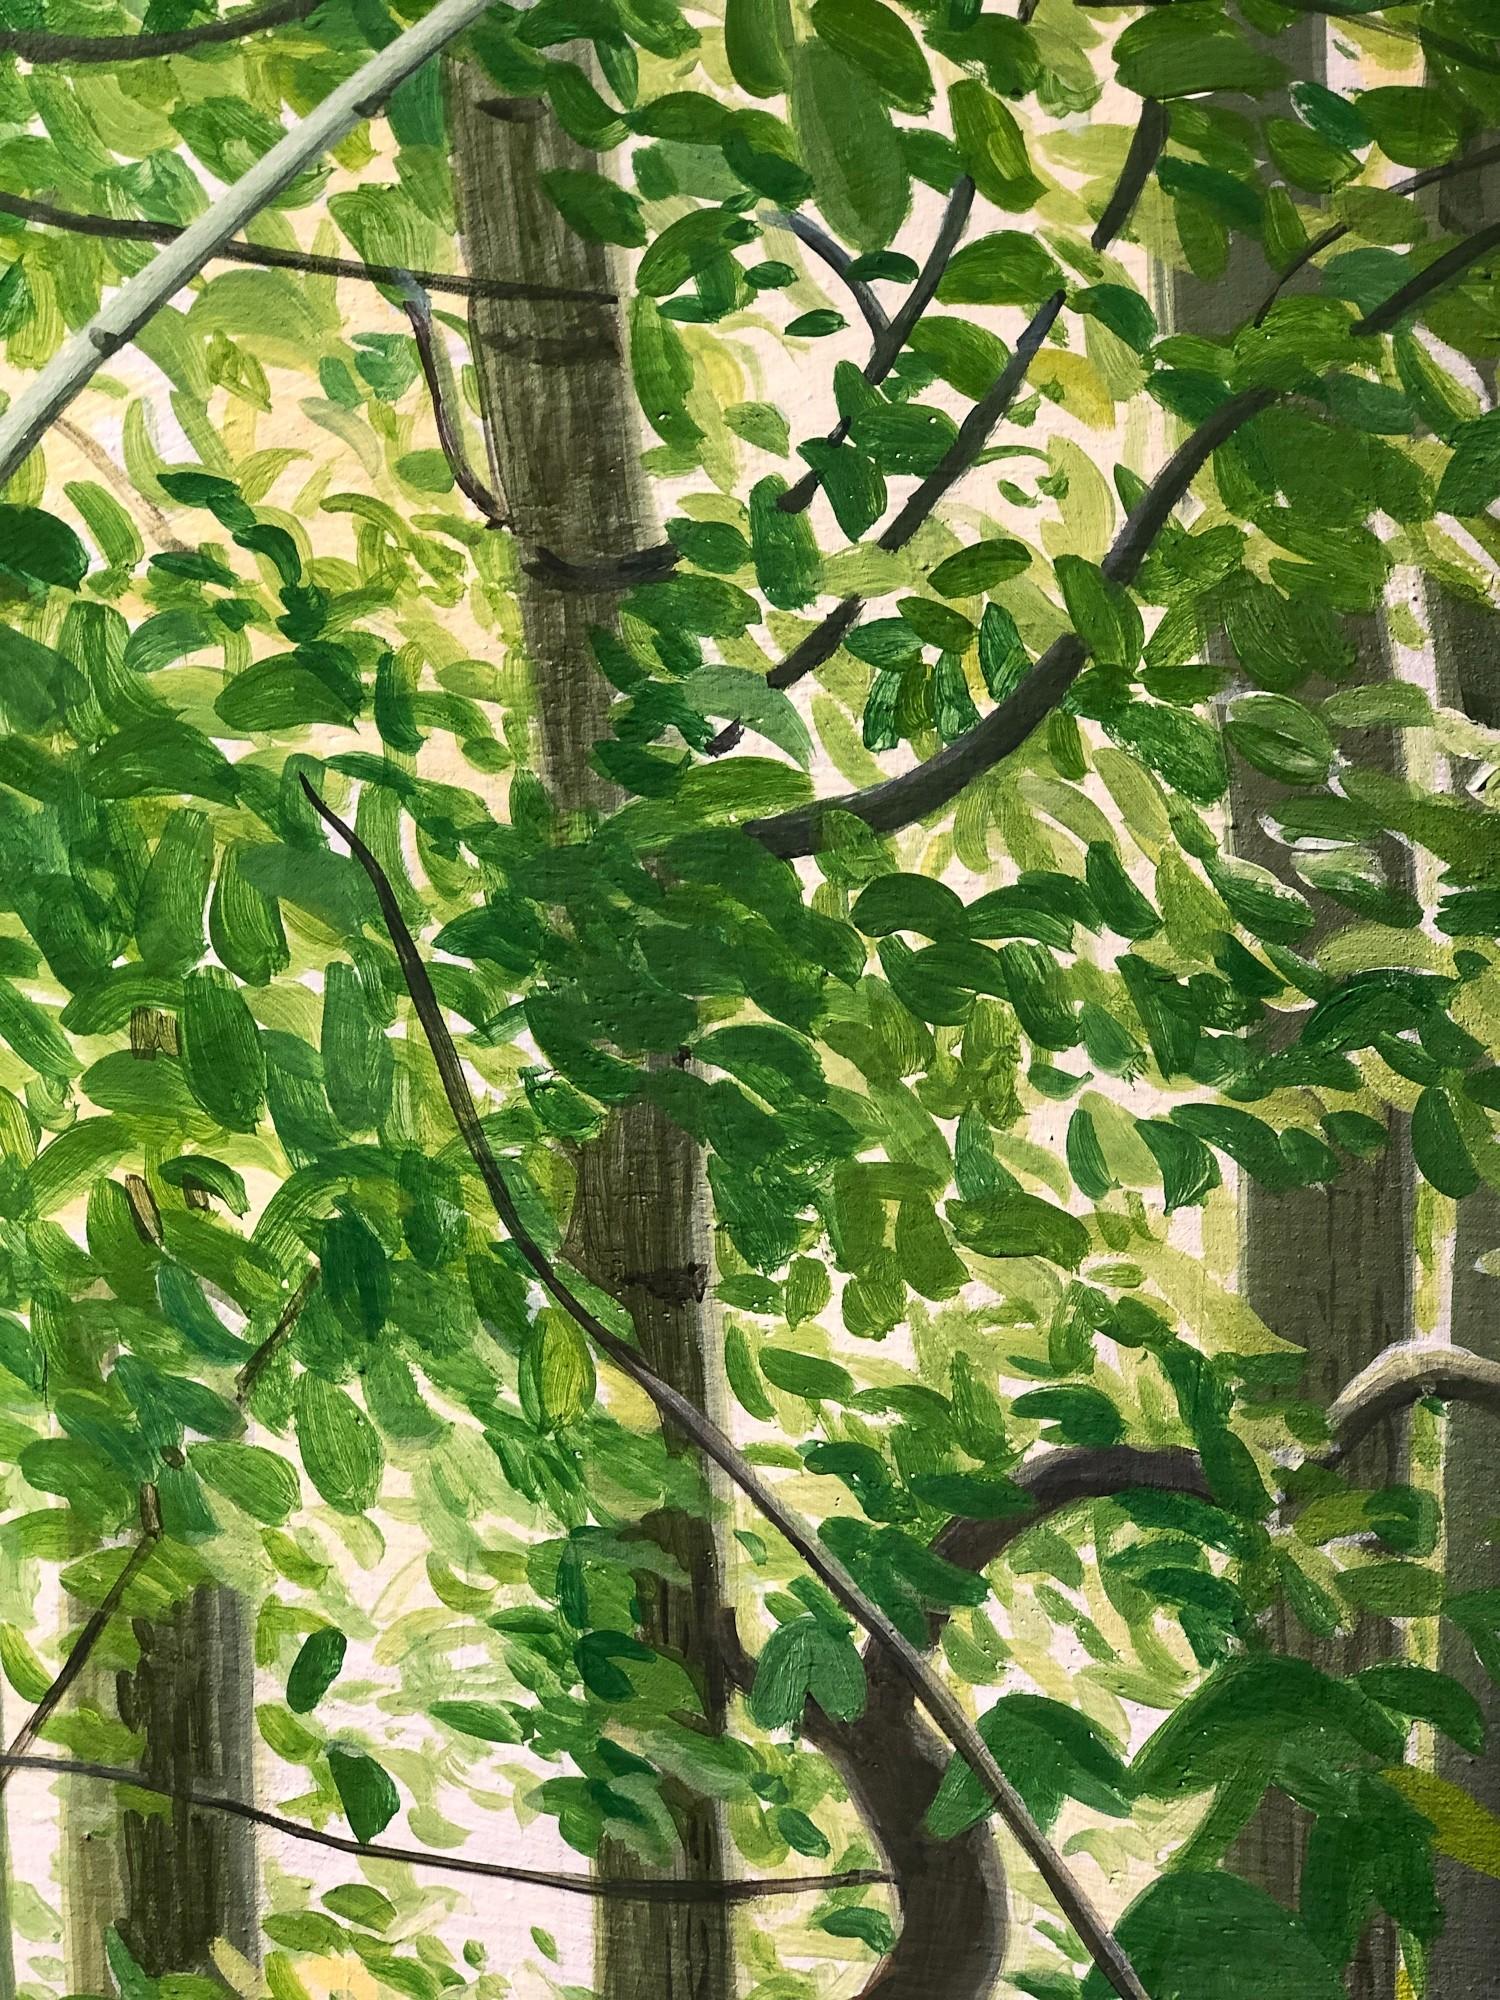 Mythischer Wald | Detail Blätter, Malerei von Sven Wiebers | Acryl auf Baumwolle